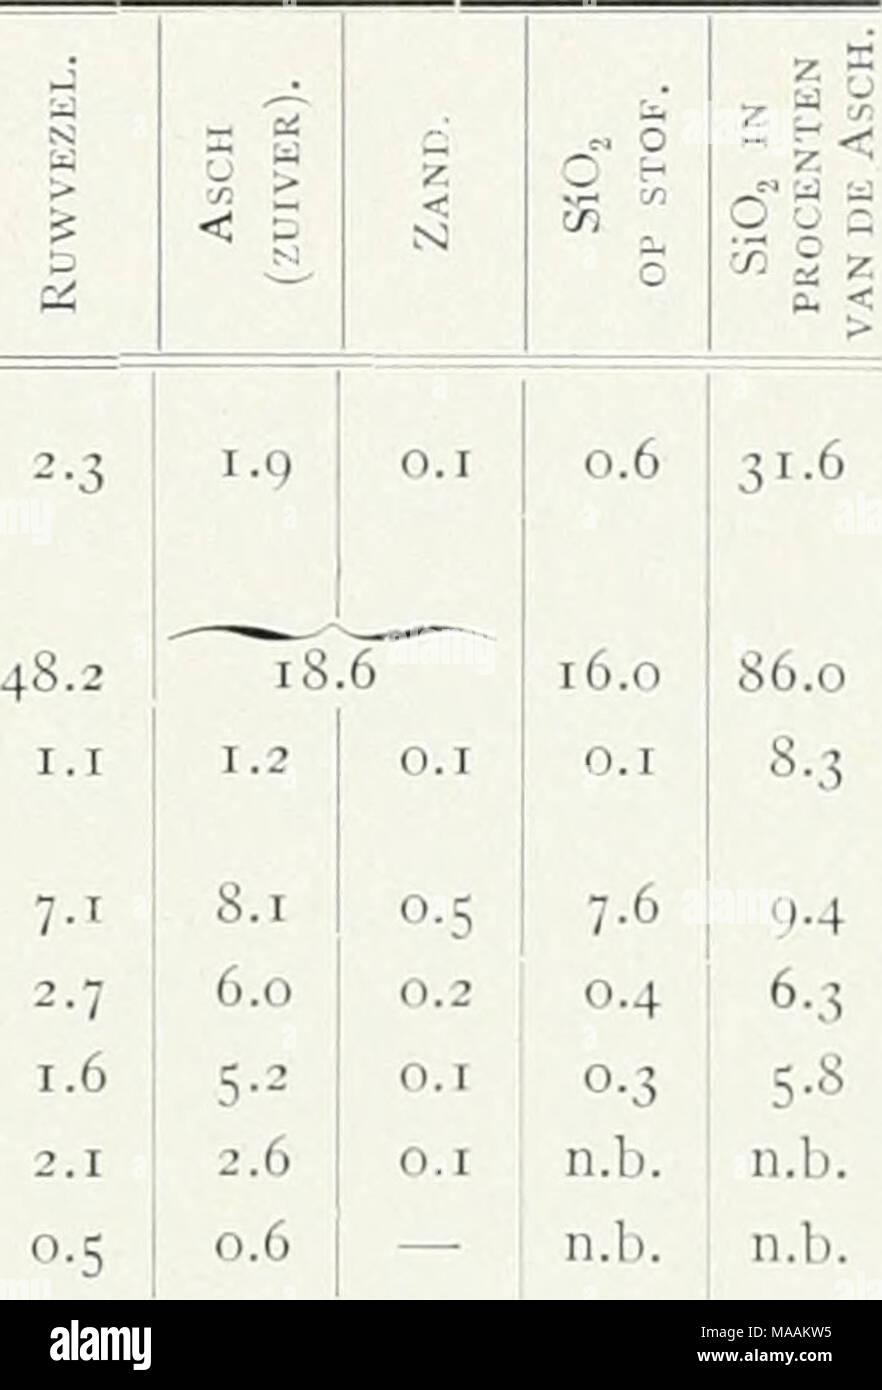 . Il dott. K.W. van Gorkom's Oost-Indische culture. Opnieuw uitg. onder redactie van H.C. Prinsen Geerligs. [Porta J.P. van der Stock et al.] . Ruwe Rijst (Mengsel van korrels met en zonder dop). Rijst Rijstdoppen (Zonder dop). Bruinmeel Witmeel Loodjesmeel Rijstegrant Tafelrijst (,.8 12,3 10,7 11,6 •2-5 7-5 7,6 12,6 11,4 10,4 7-5 0,7 2,4 16,0 10,4 9-5 6.1 0.9 73-7 20.4 75-4 45.0 55-9 60,5 67,2 78,0 Onder doppen worden de kroonkafjes verstaan, onder bruinmeel het meel van den eersten molen, onder witmeel dat van den laatsten molen Het loodjesmeel komt uit de middelste molens. Dehalve deze meelsoort Immagini Stock